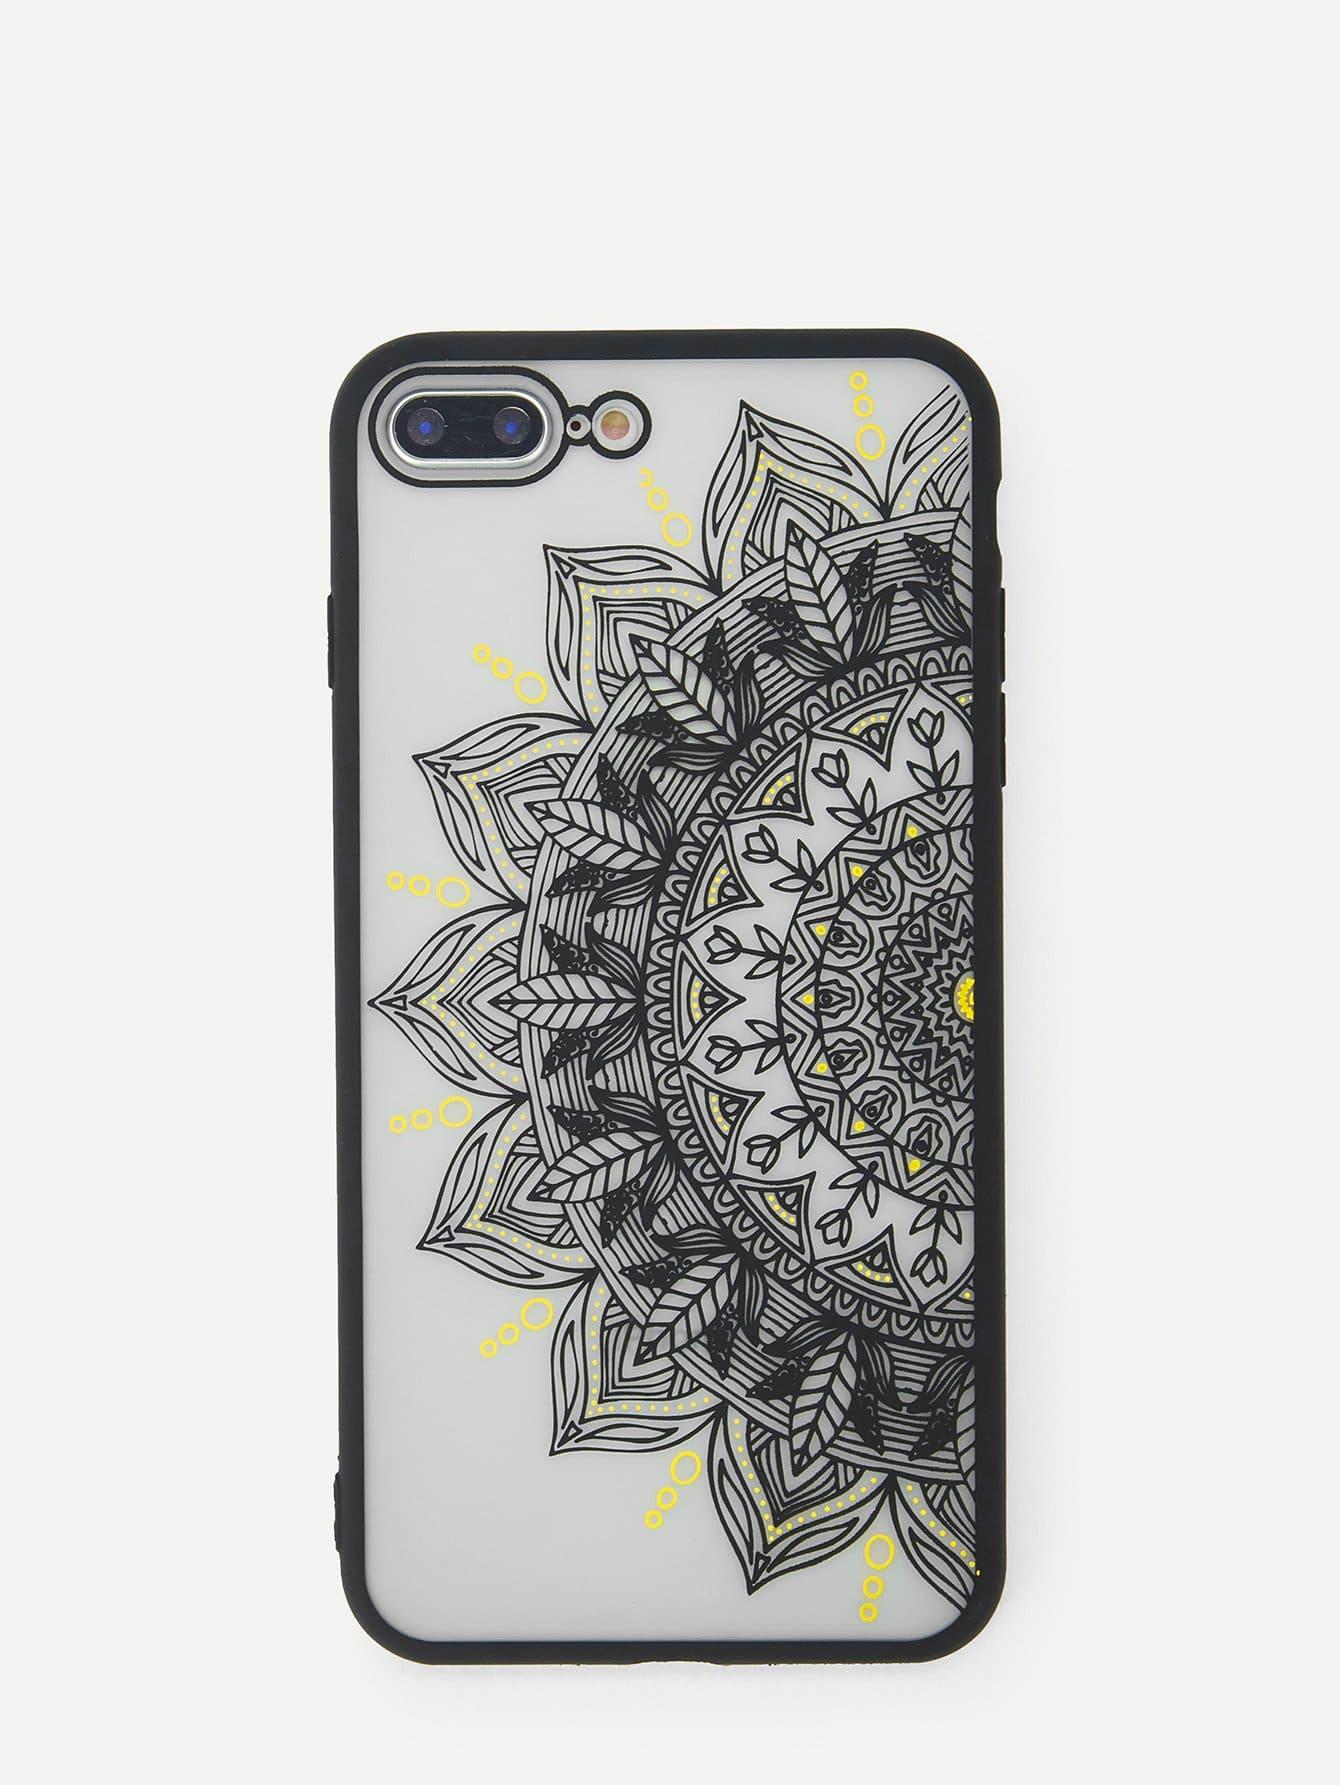 Купить Корпус сотового телефона для iPhone с рисунком ажурного кактуса, null, SheIn